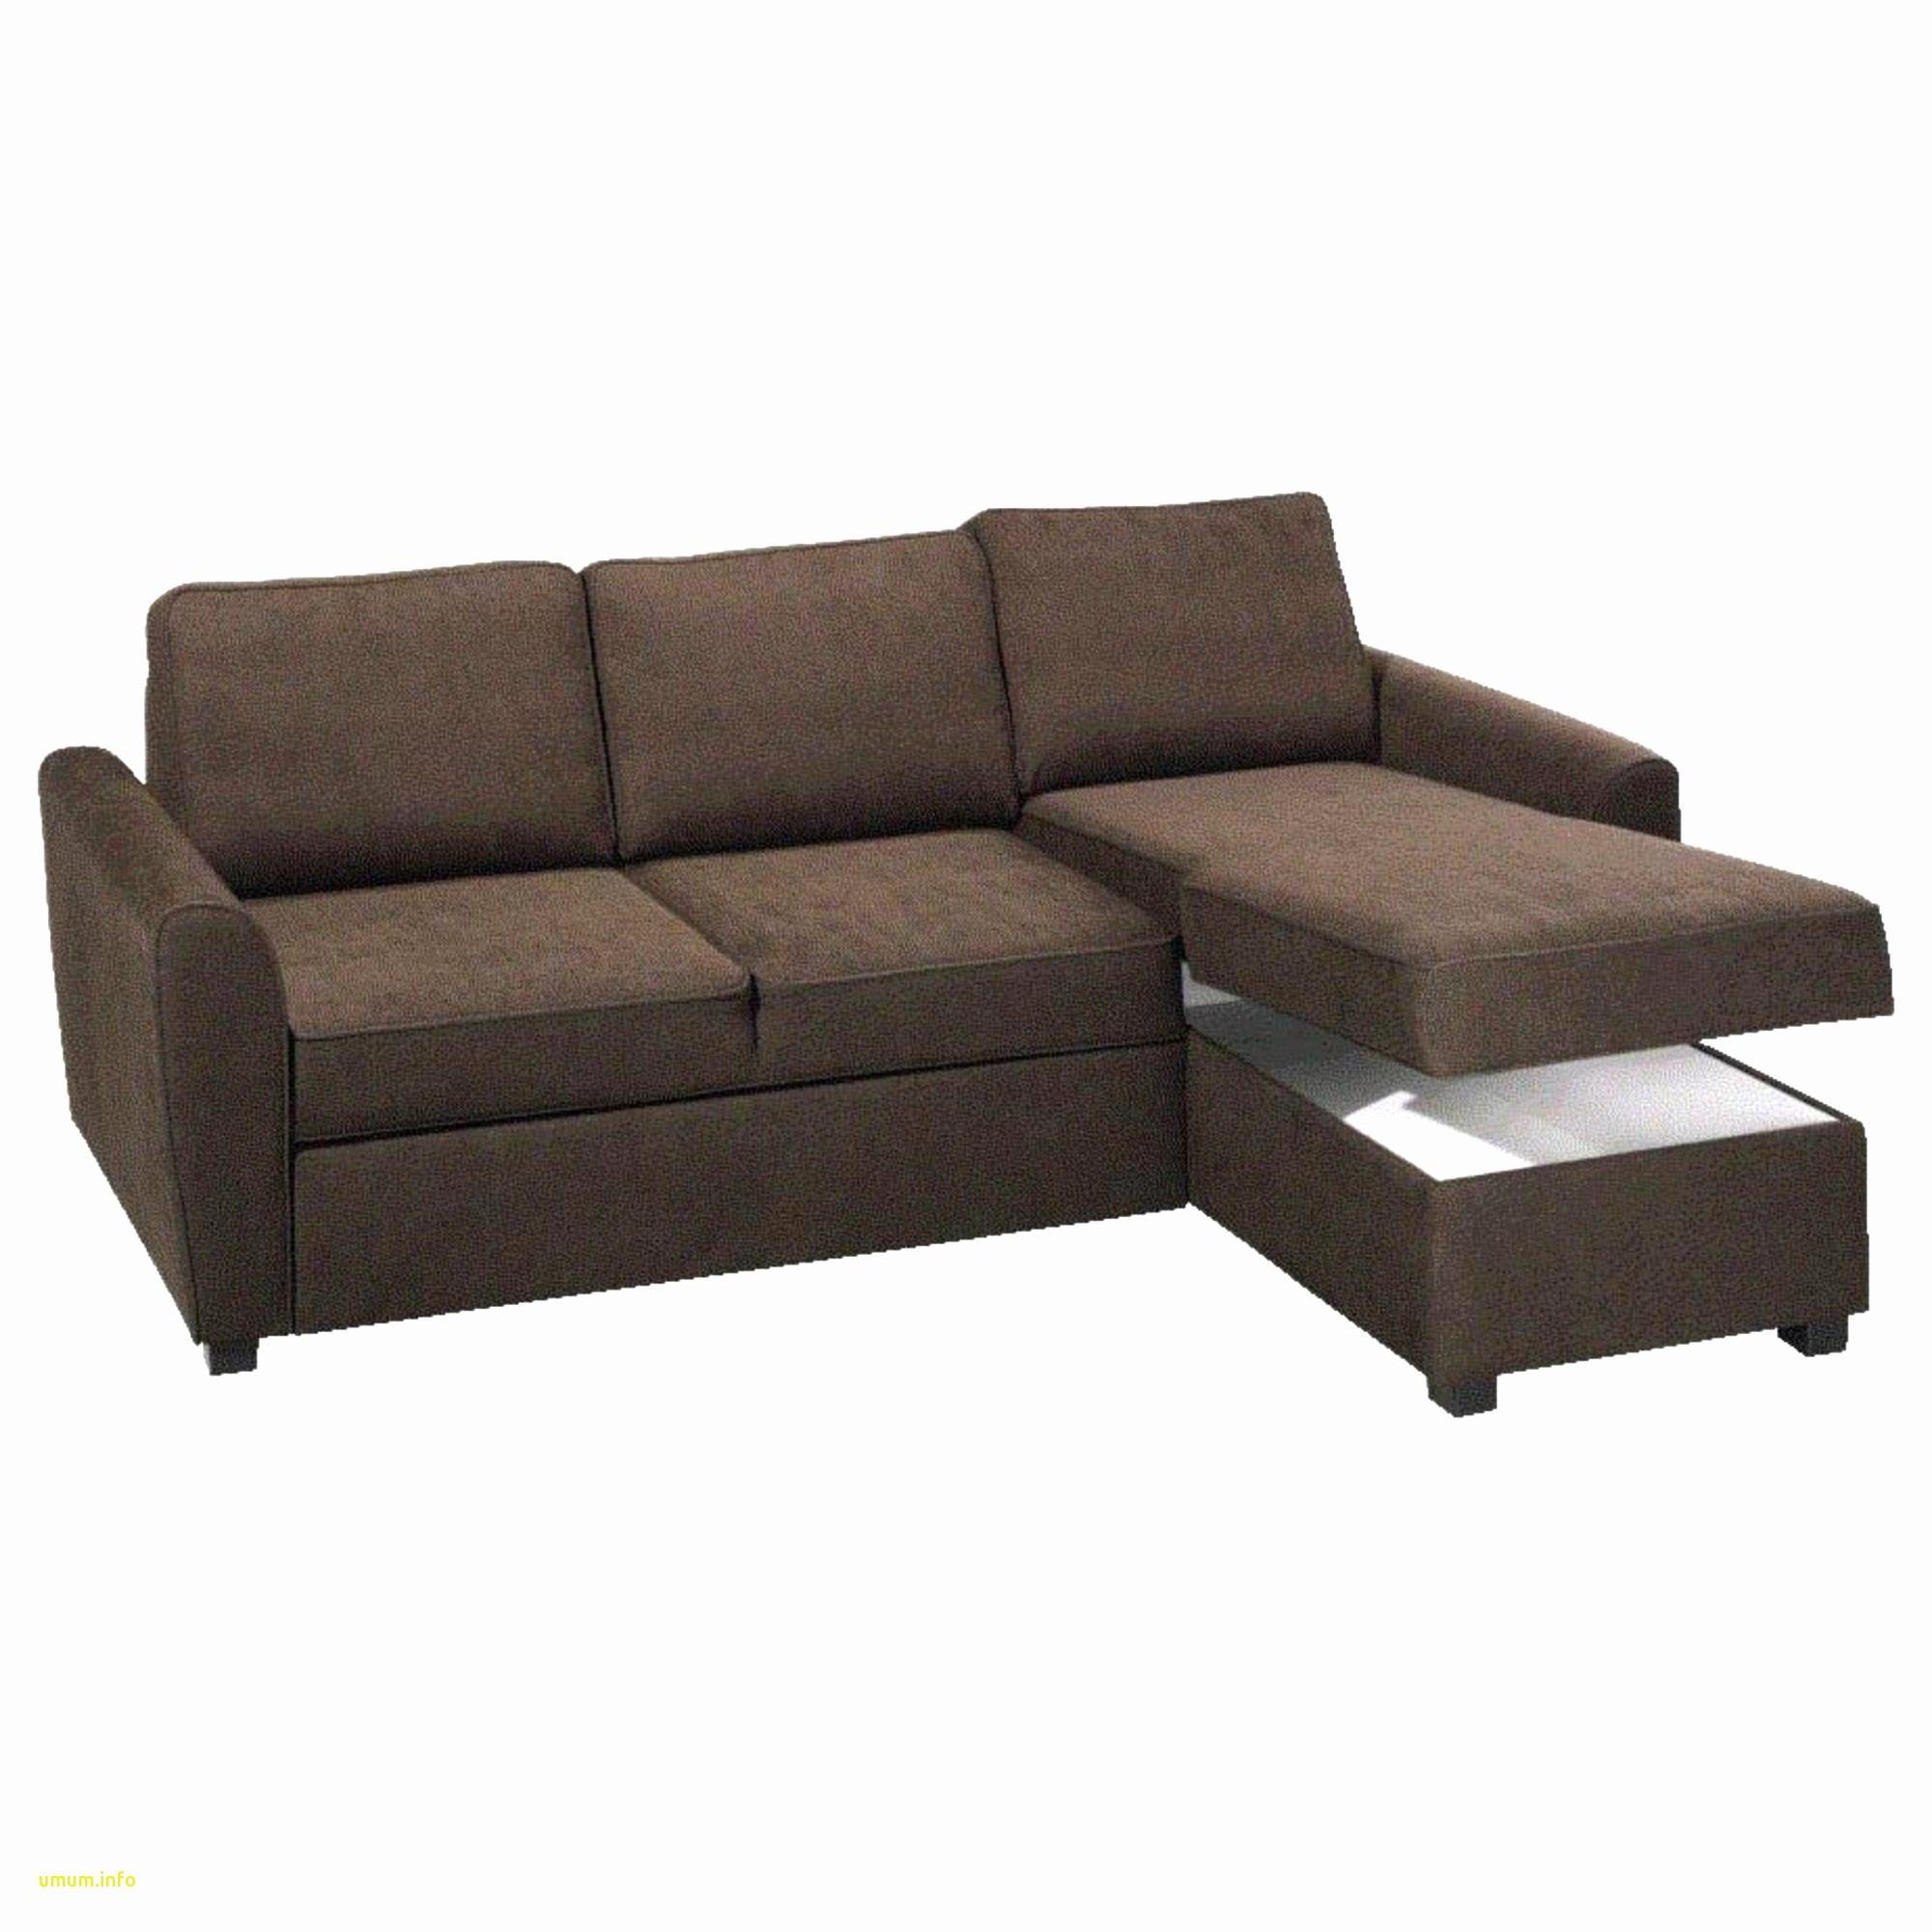 Canapé Arrondi Ikea Meilleur De Stock Frais Canapé Cuir Naturel Décor  La Maison Et Intérieur